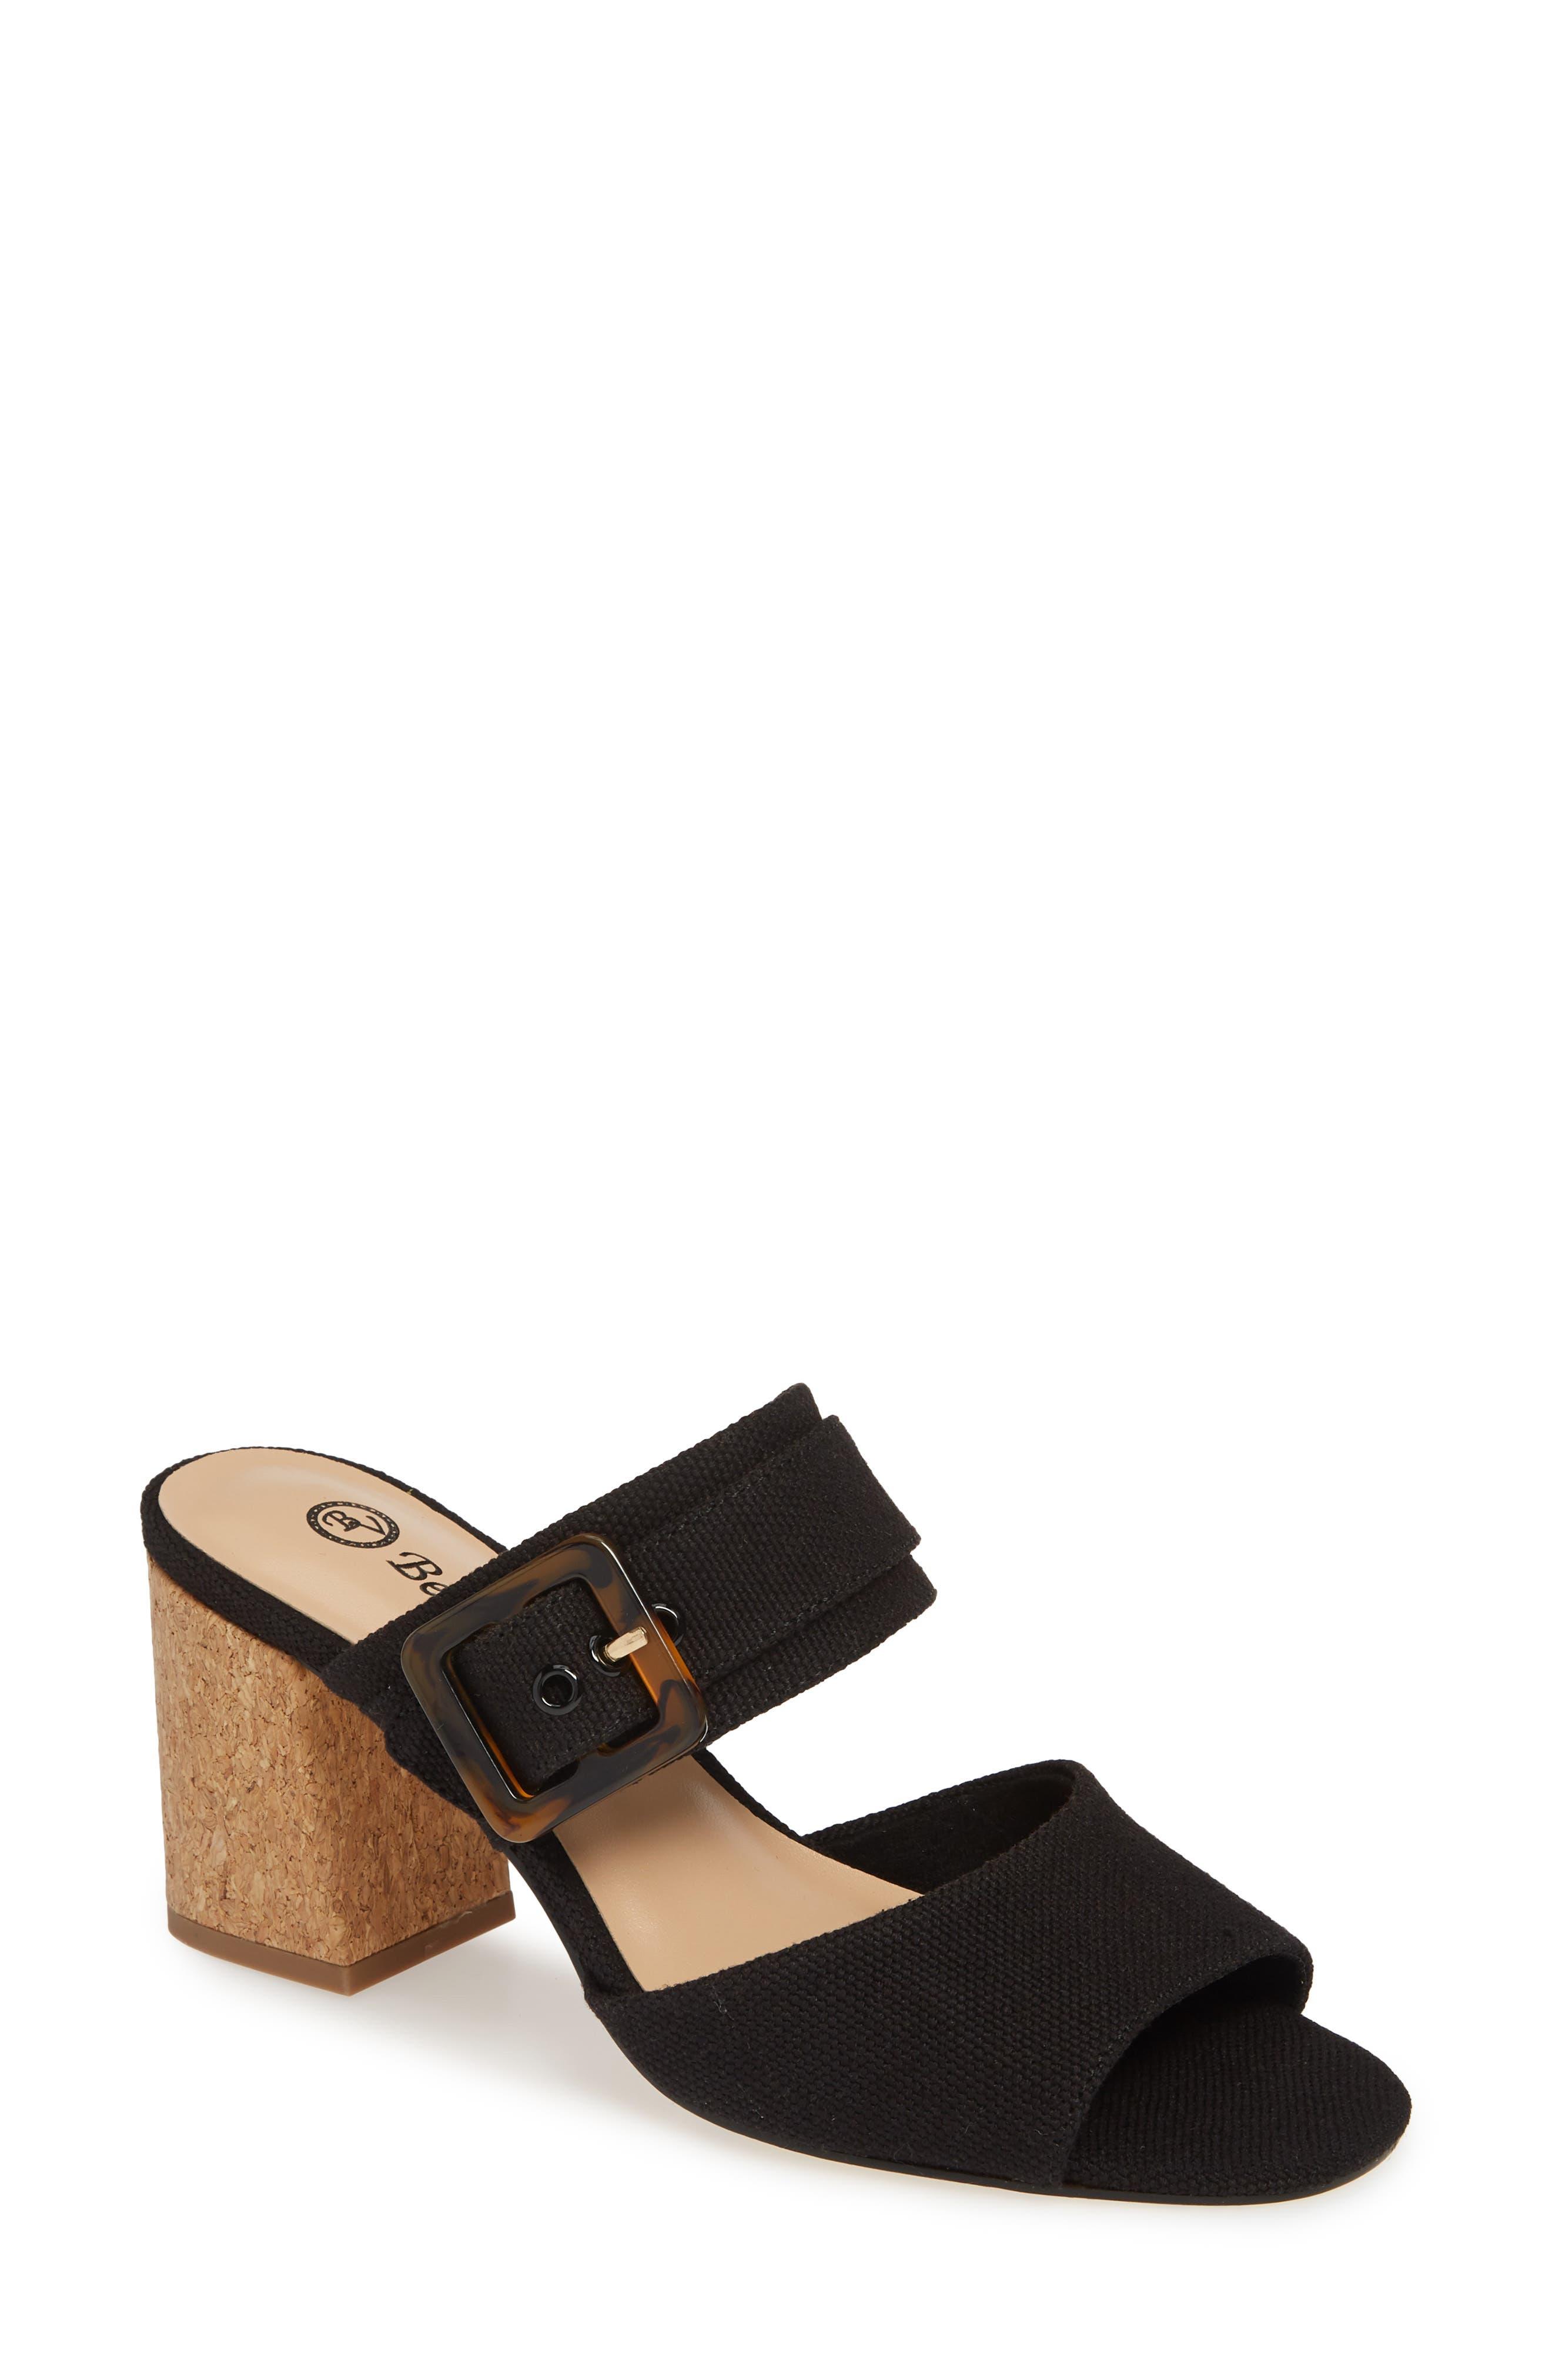 BELLA VITA, Tory II Buckle Slide Sandal, Main thumbnail 1, color, BLACK LINEN FABRIC